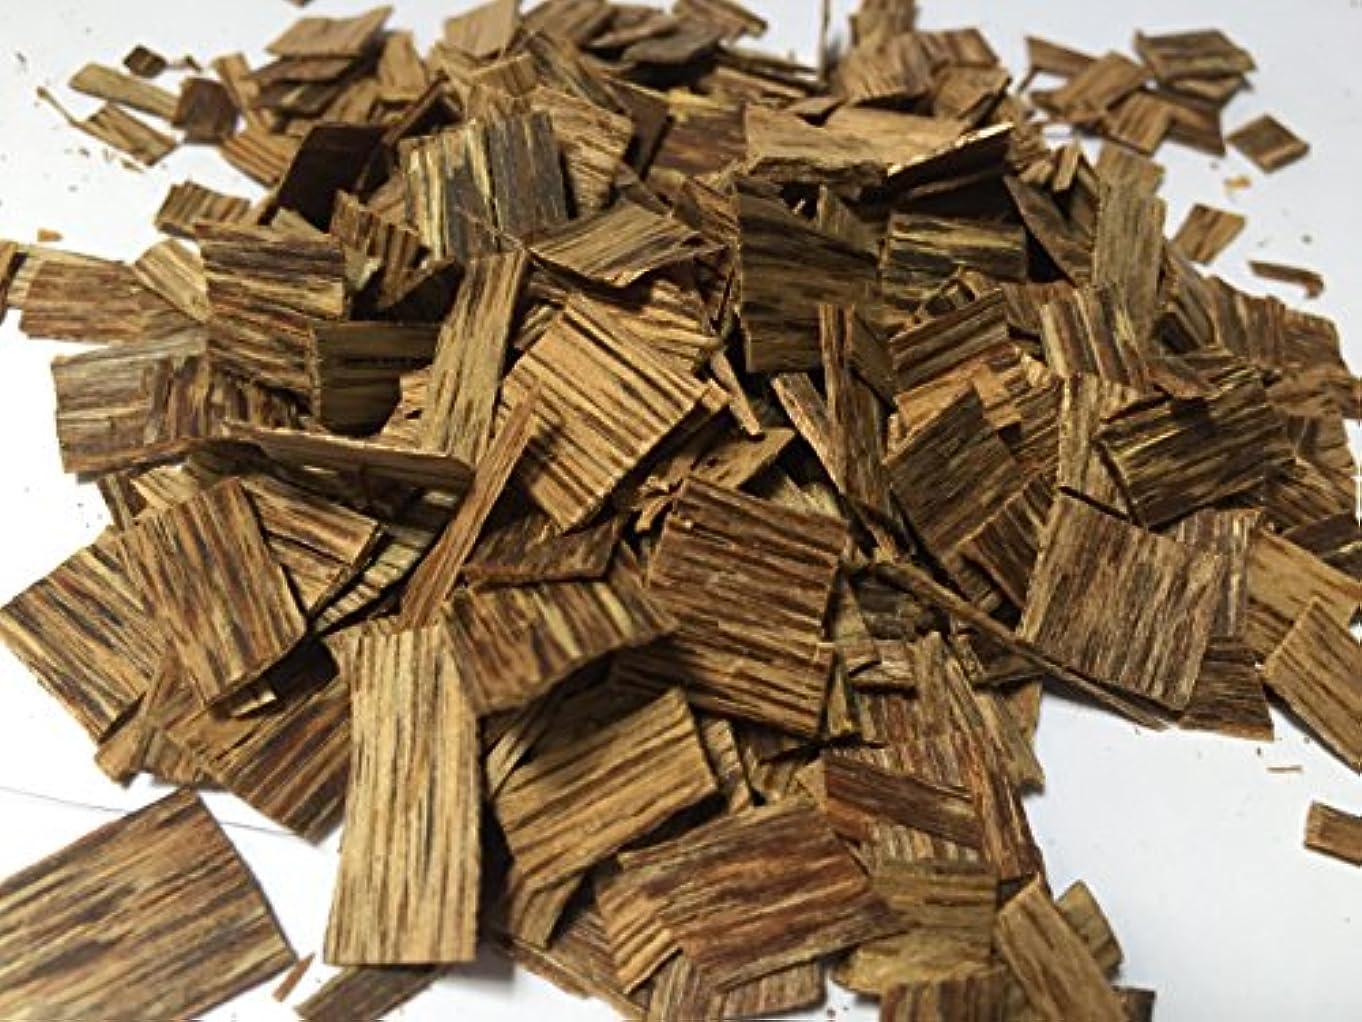 フルート塩辛い潜むoudwoodvietnam. Com元Natural Wild Agarwood OudチップGrade A + | 40グラムお香アロマ